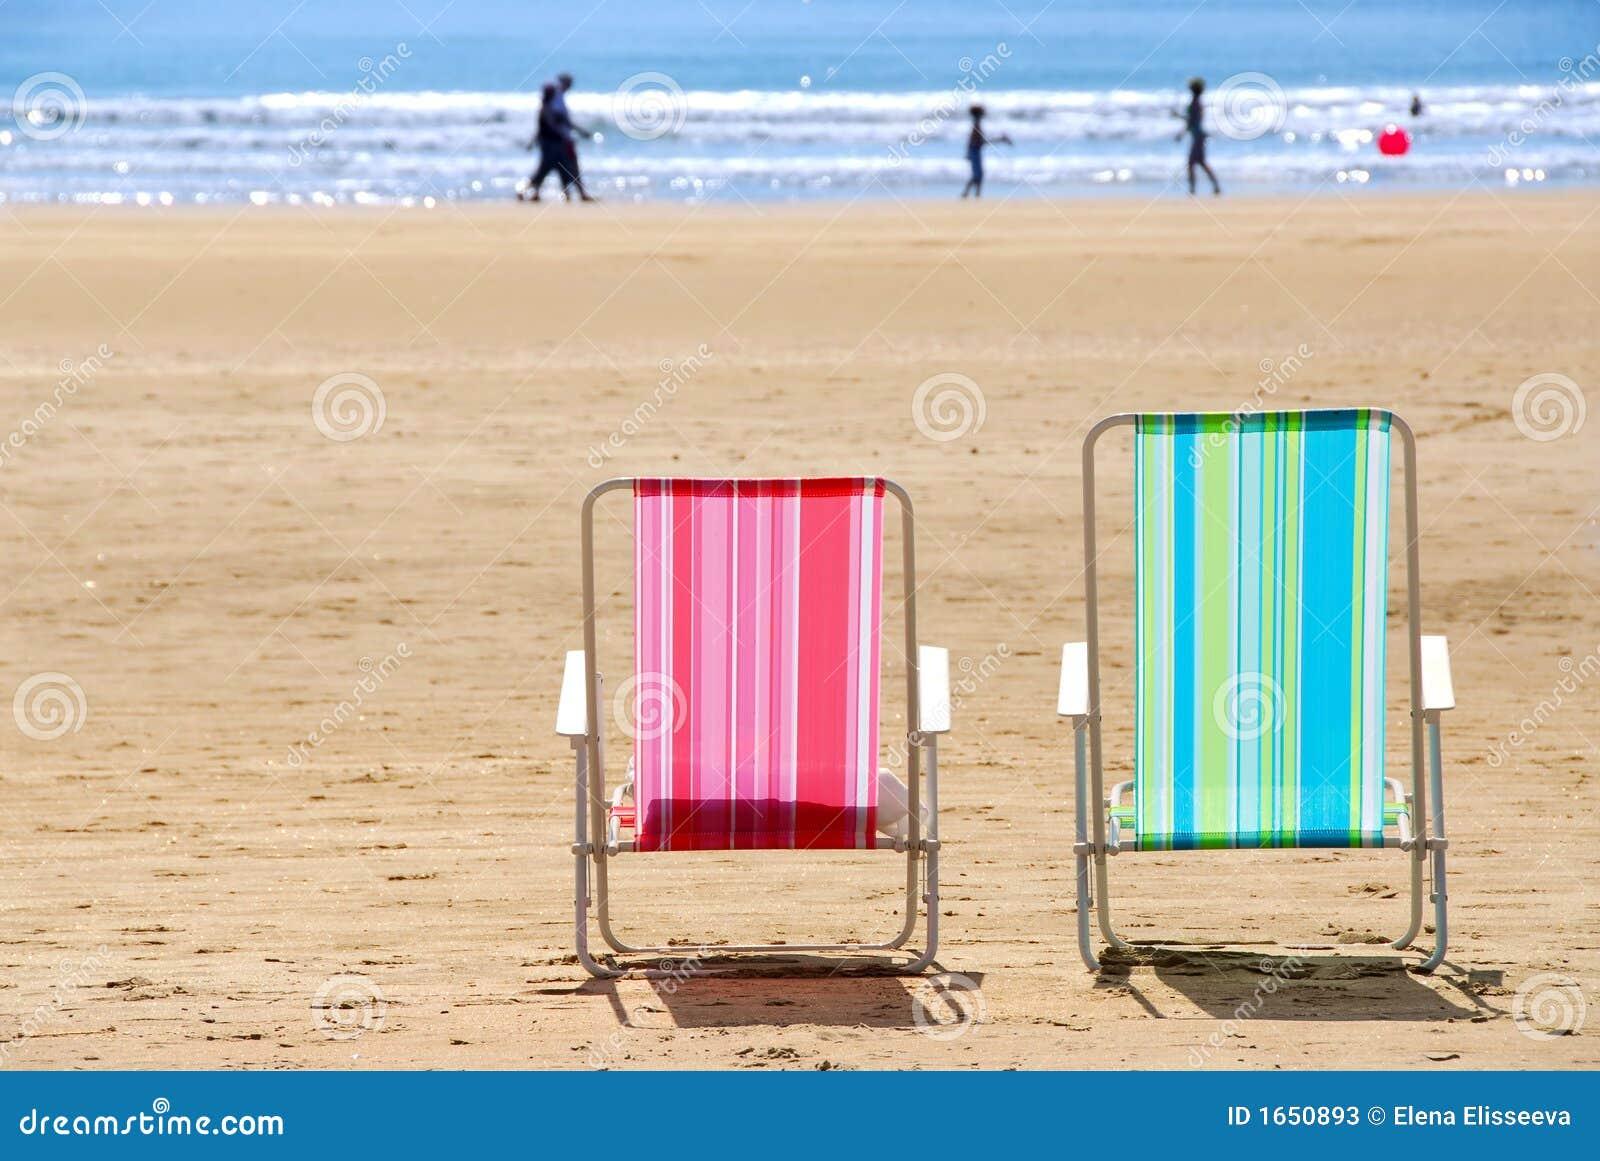 Duas cadeiras de praia coloridas vazias em uma praia arenosa. #C00B33 1300x960